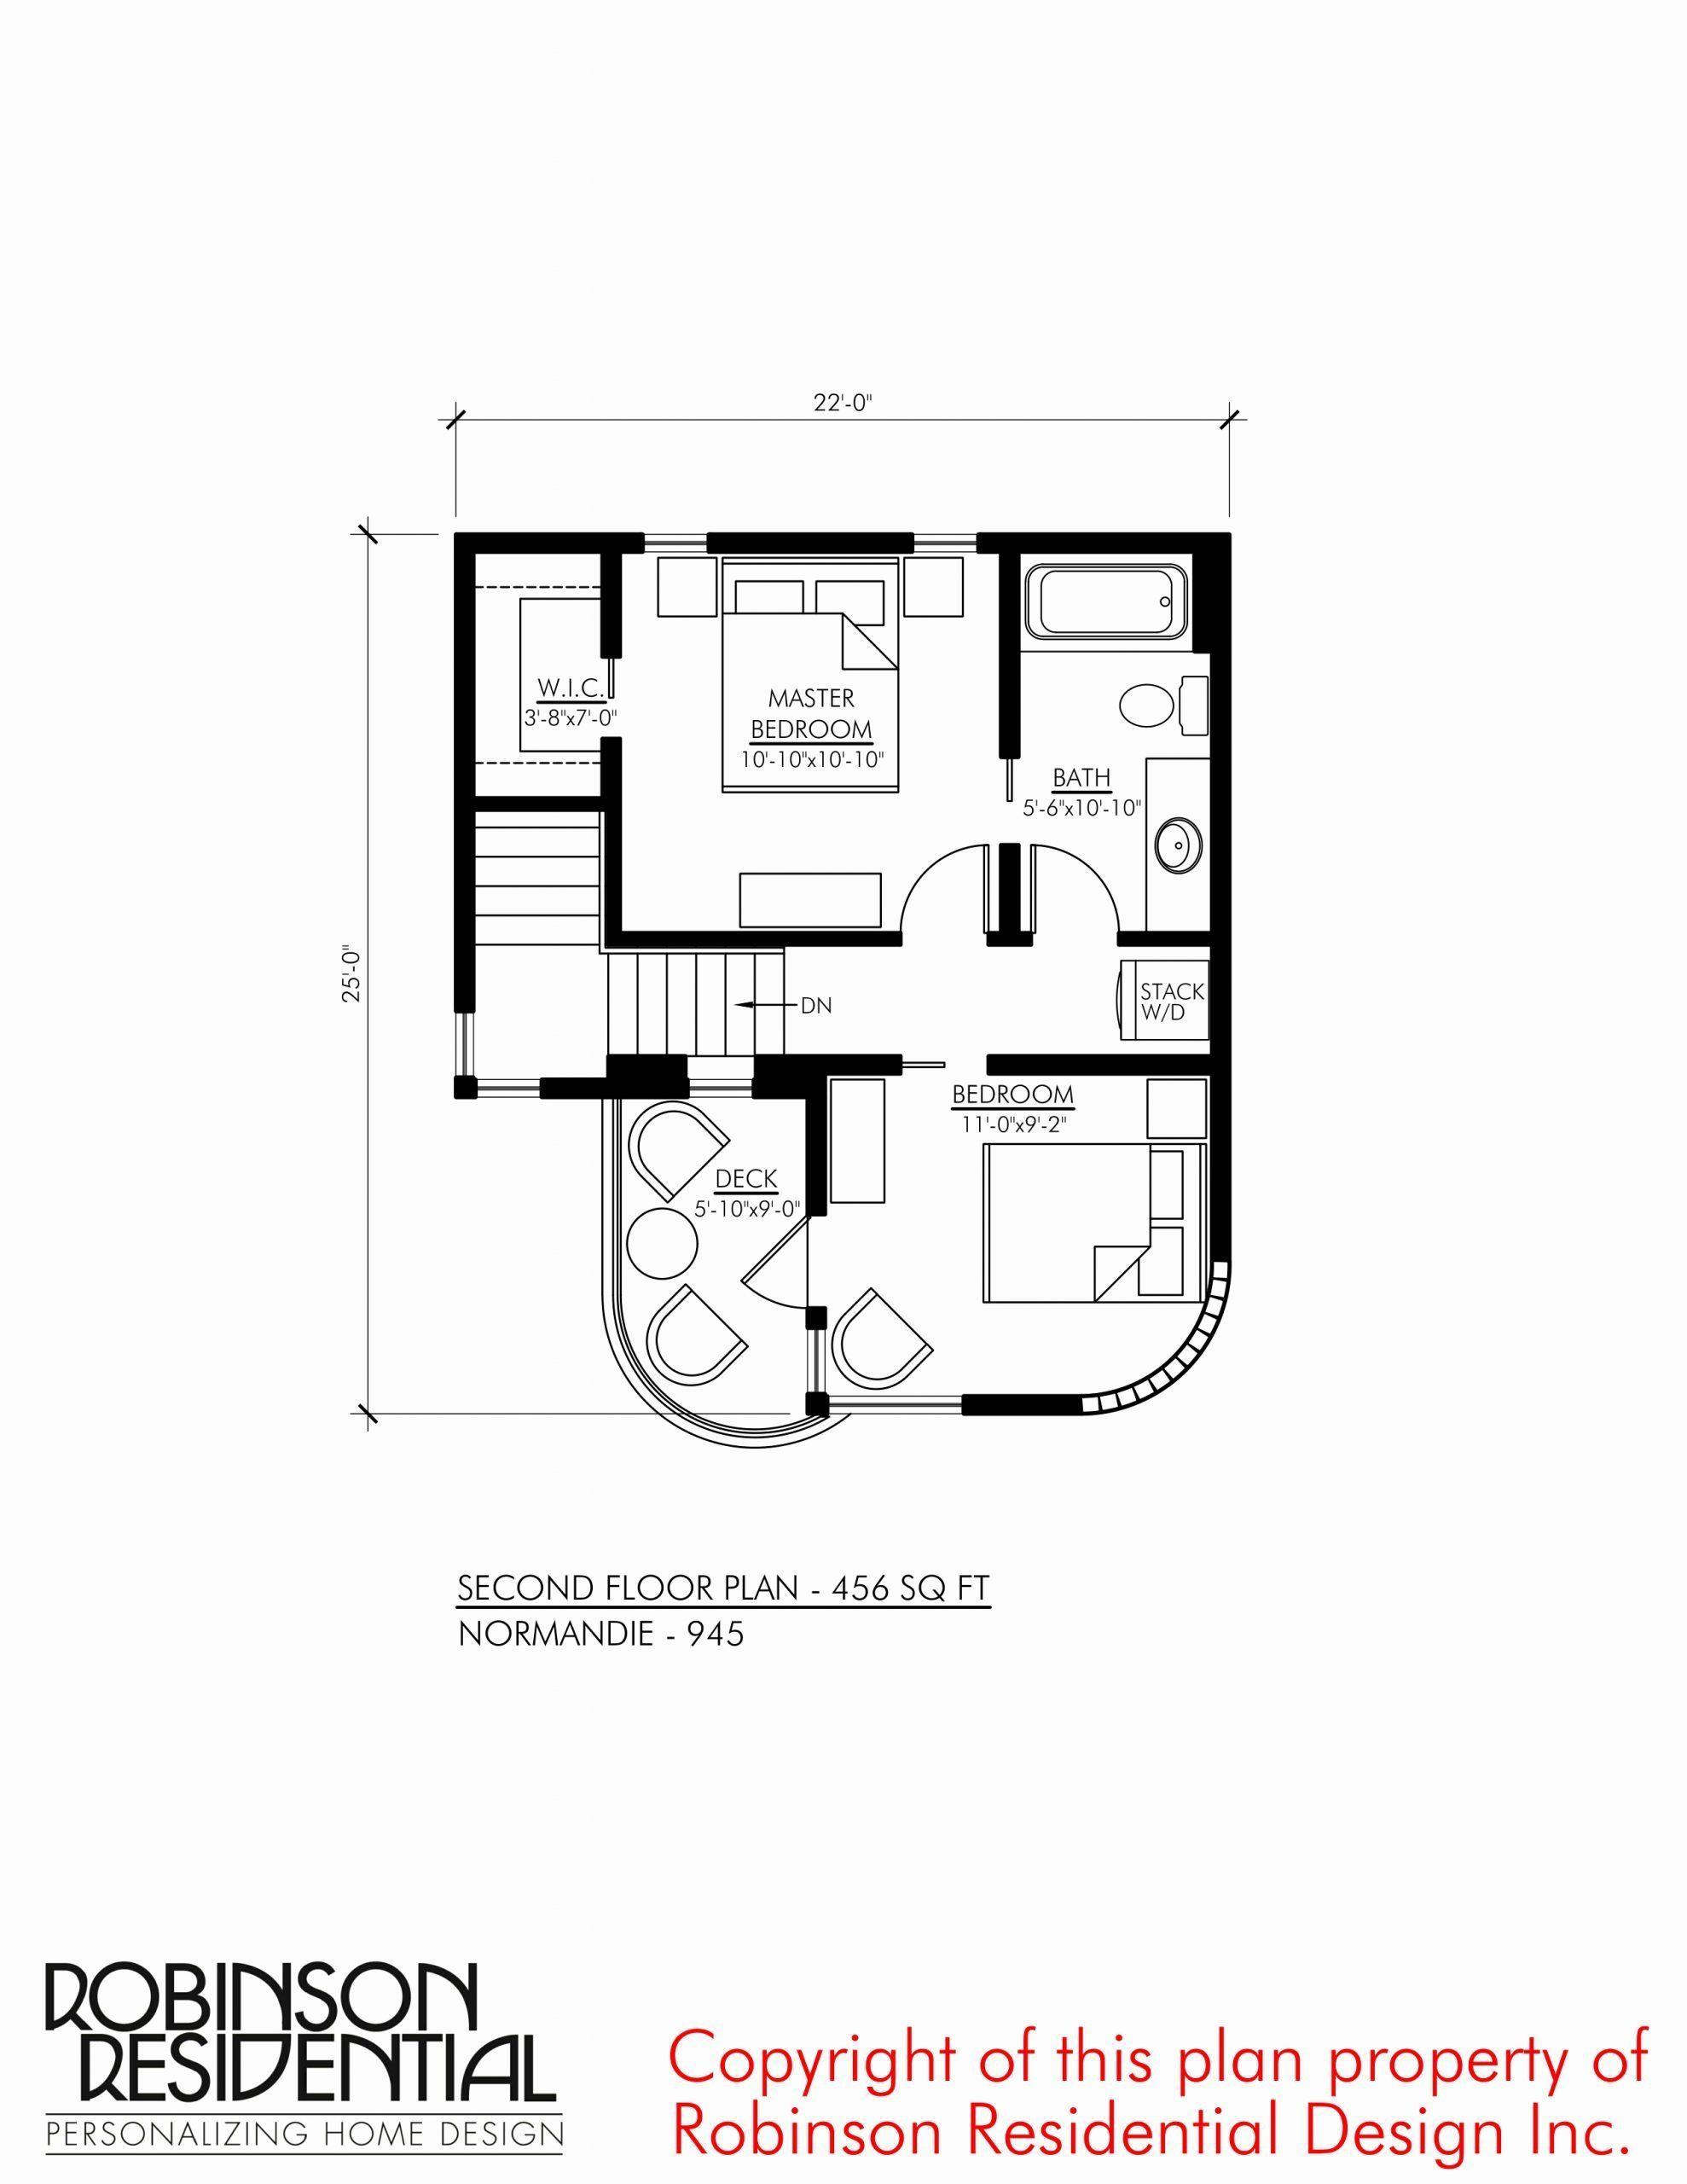 10x10 Bedroom Floor Plan Unique Contemporary Norman 945 Denah Rumah Rumah Minimalis Desain